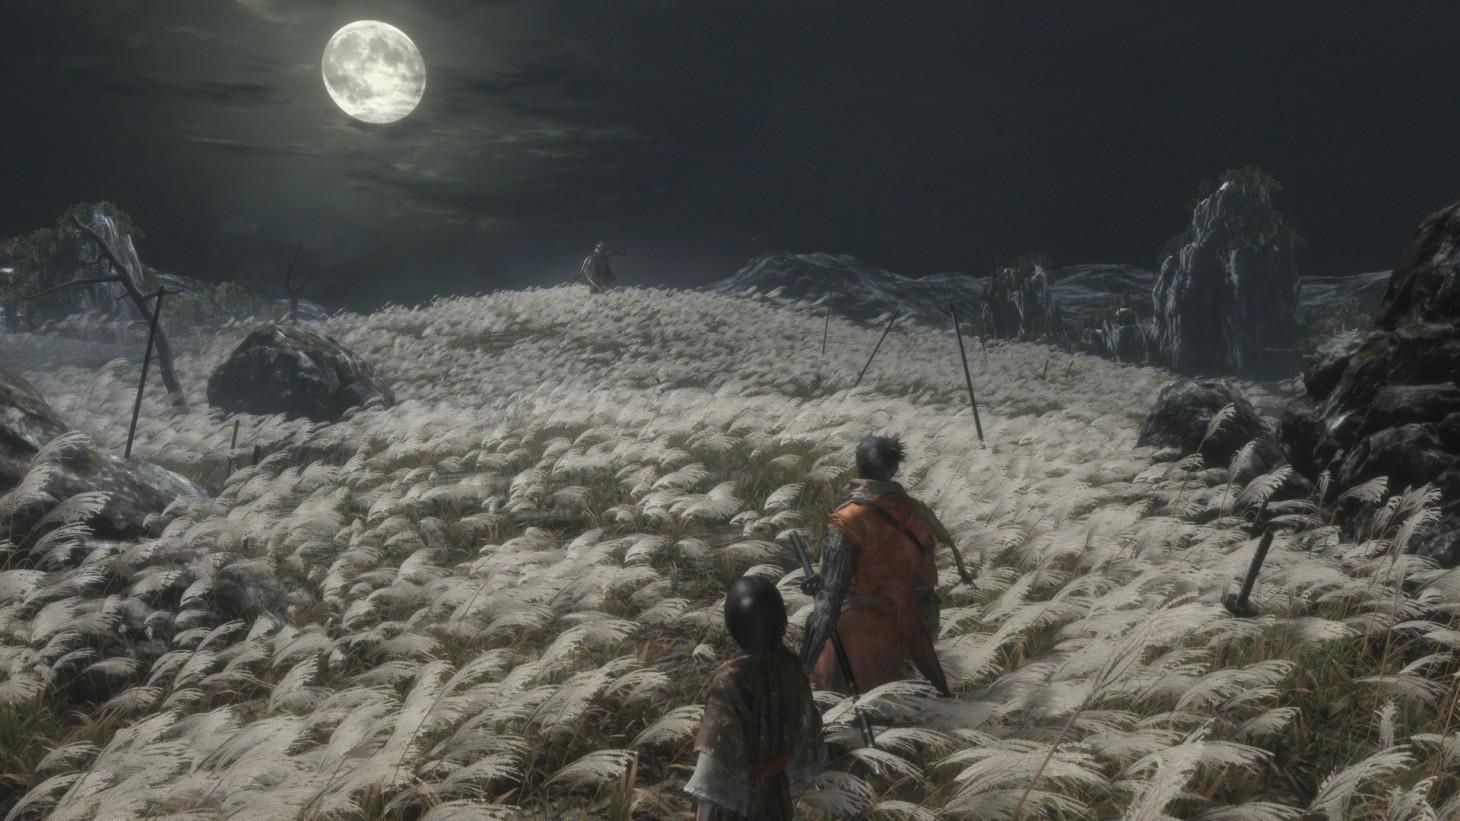 《只狼:影逝二度》Game Informer 评测 9 分:狂野的忍者之旅